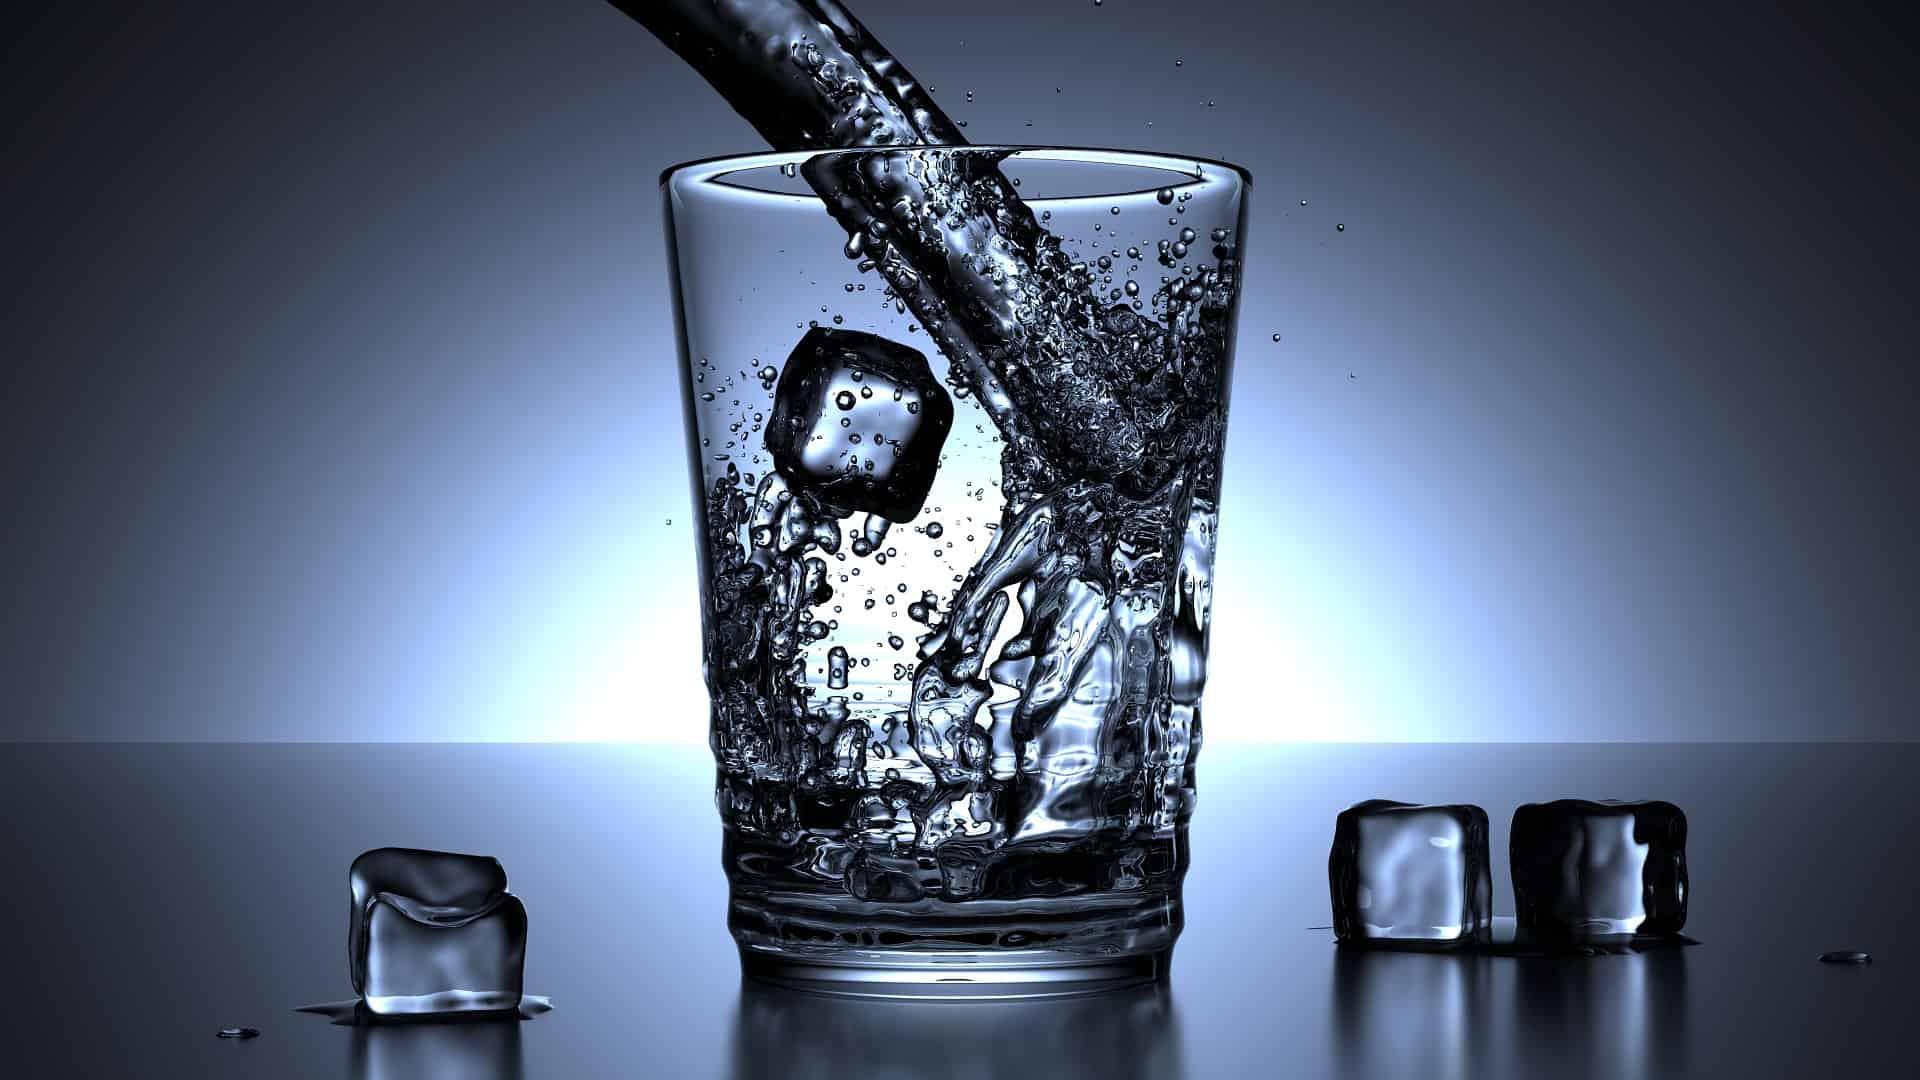 Trinken Sie genügend molekularen Wasserstoff?